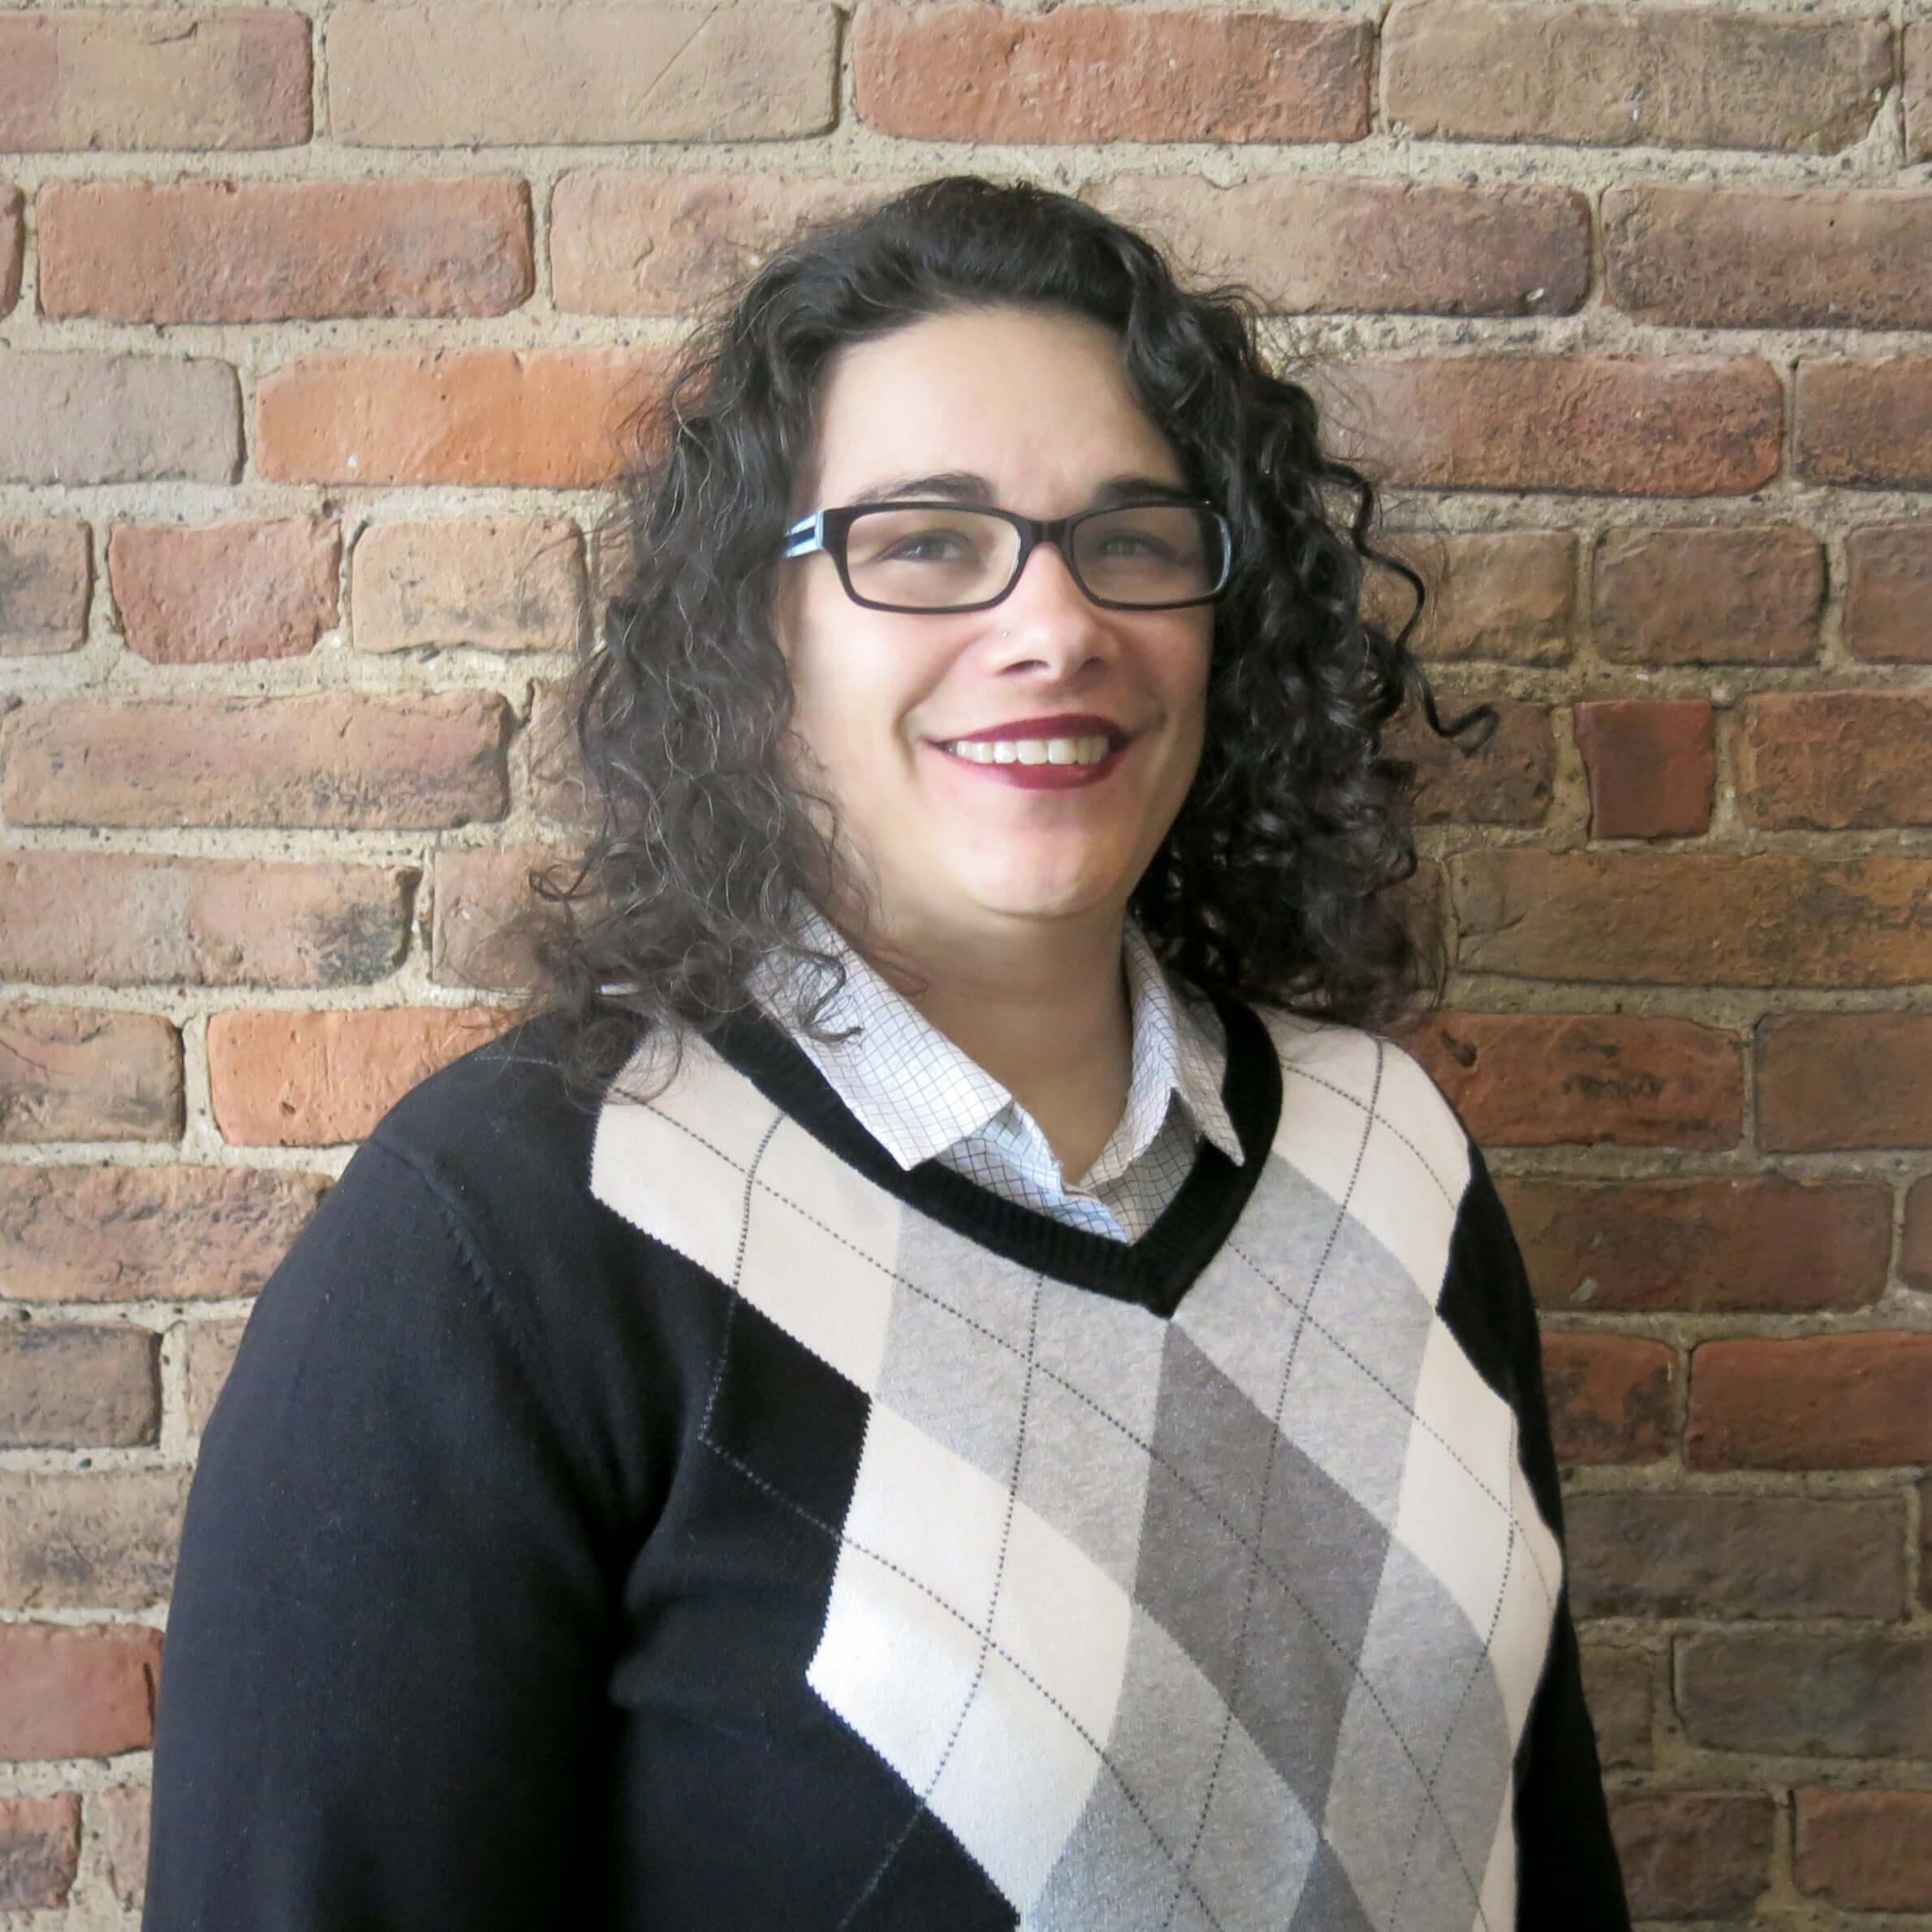 Staff Heashot of Deena Zubulake